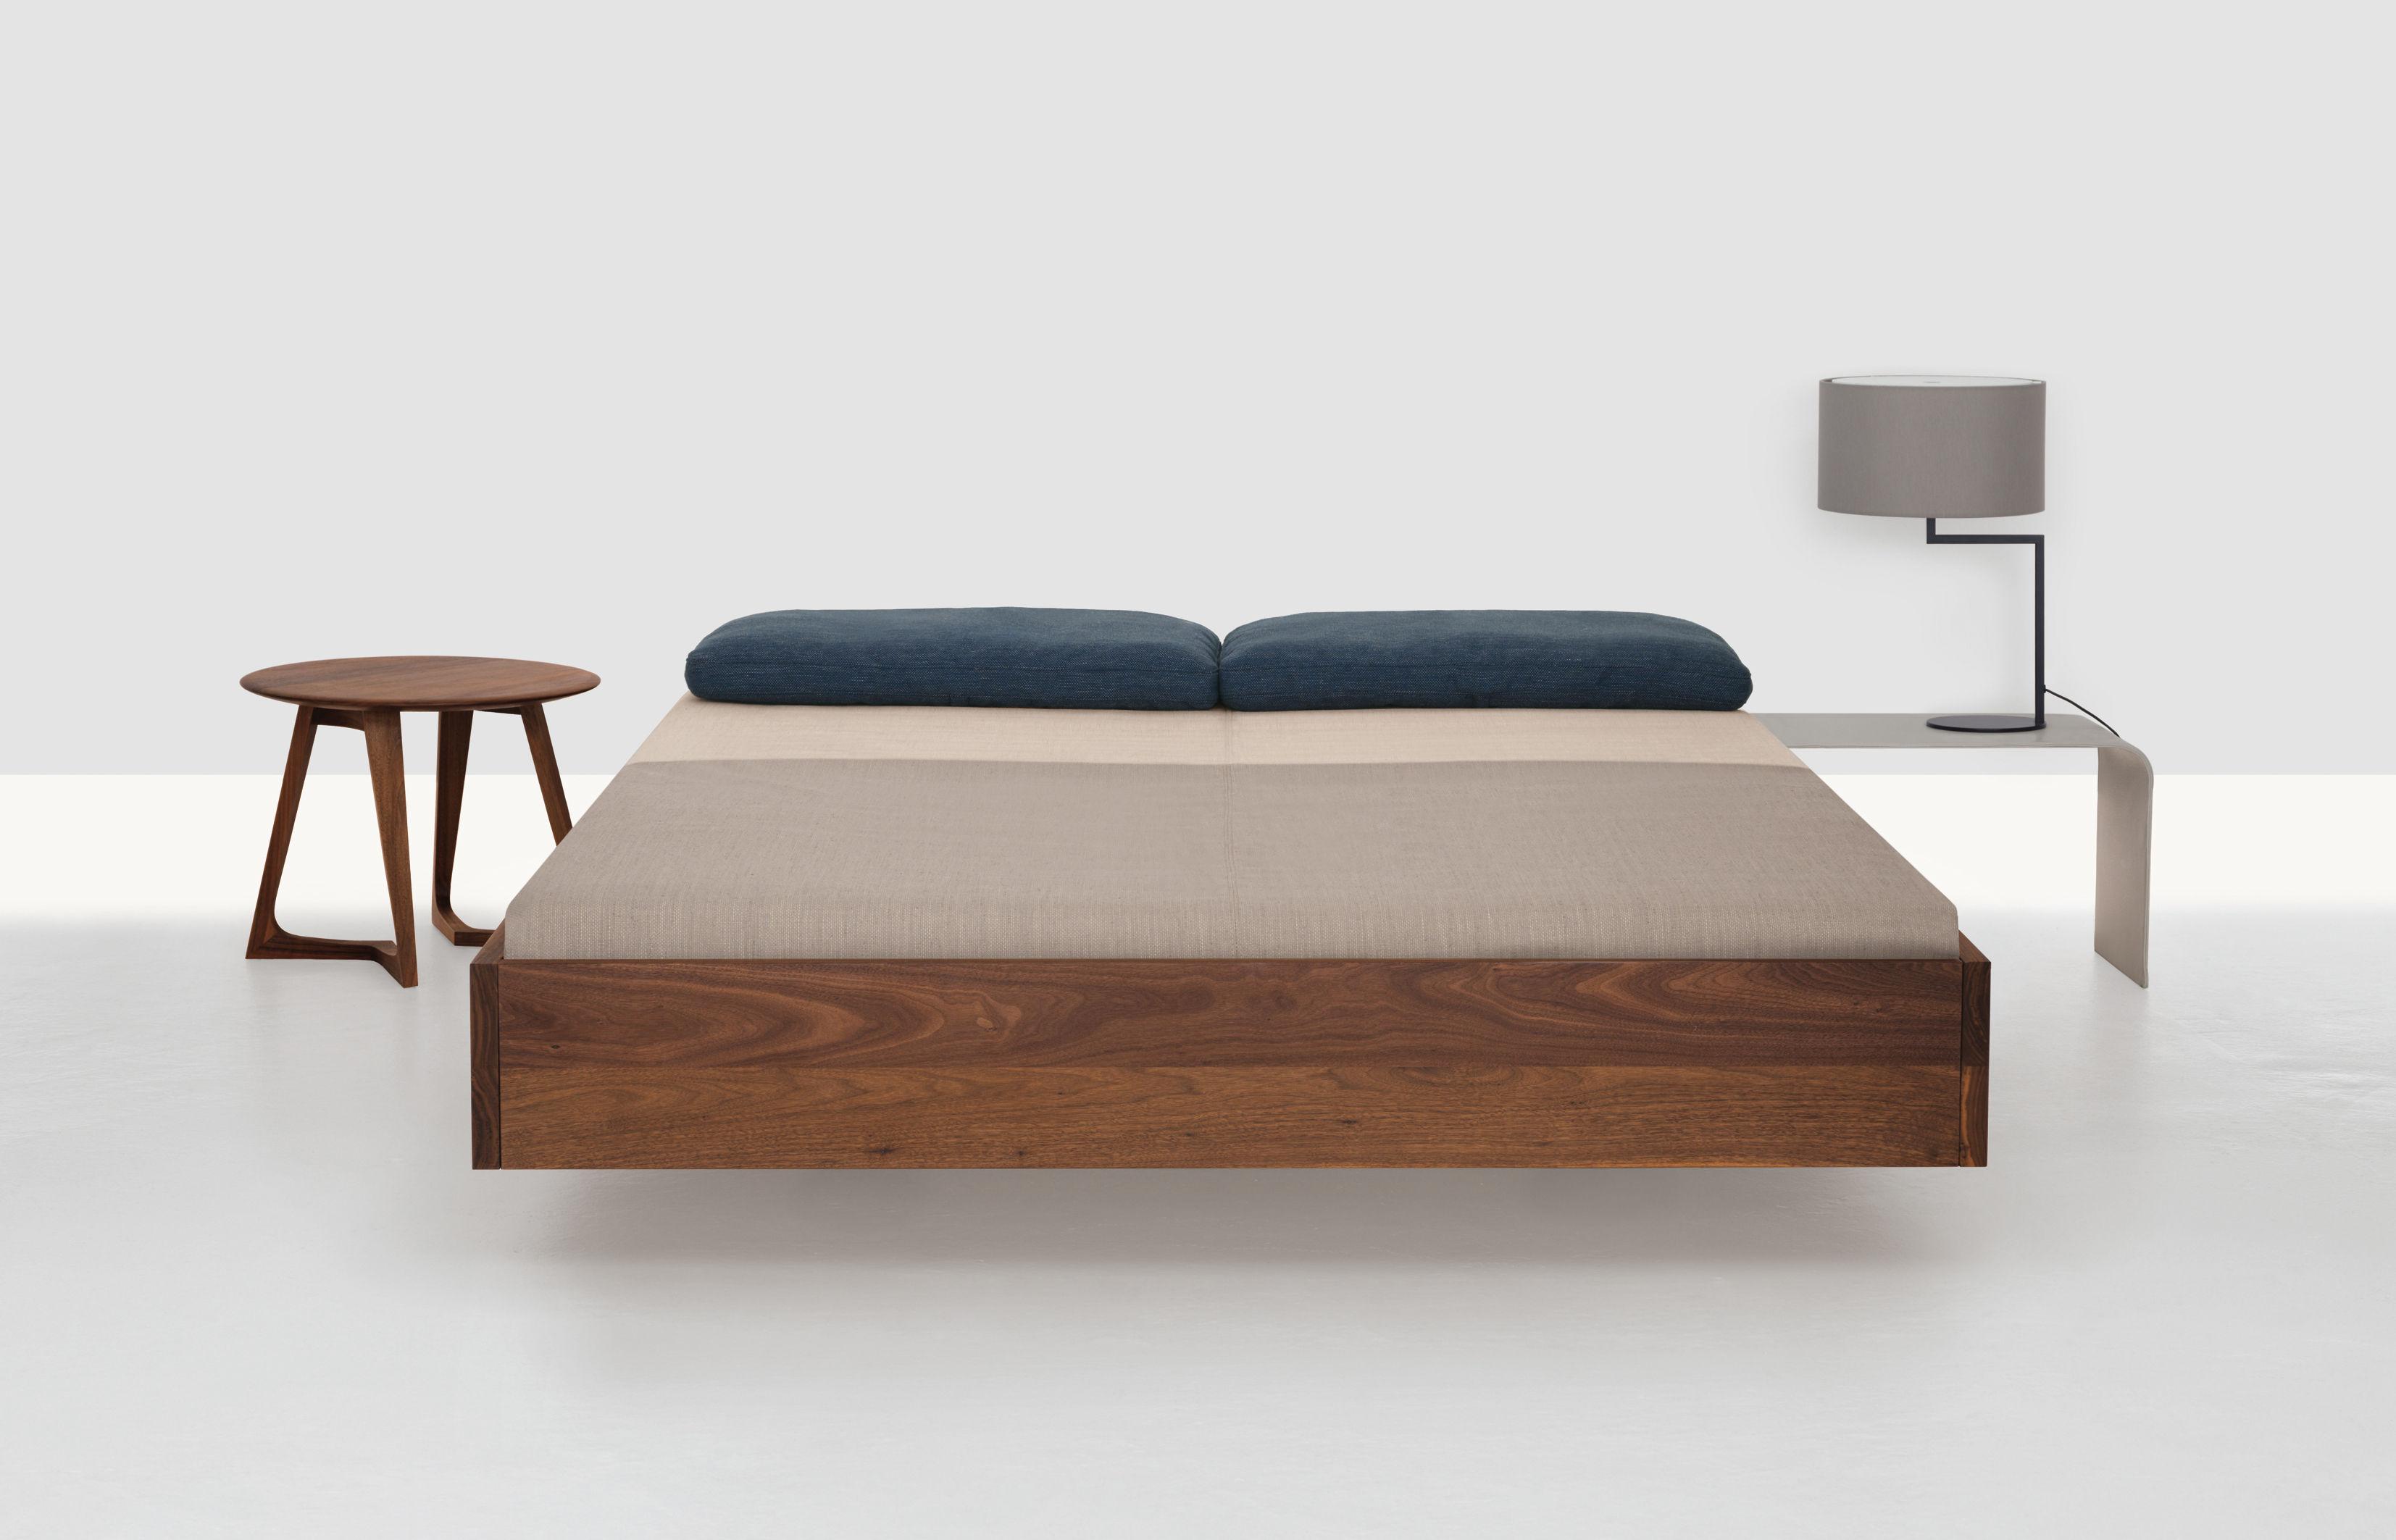 lit double simple king size 200 x 200 cm sans matelas. Black Bedroom Furniture Sets. Home Design Ideas